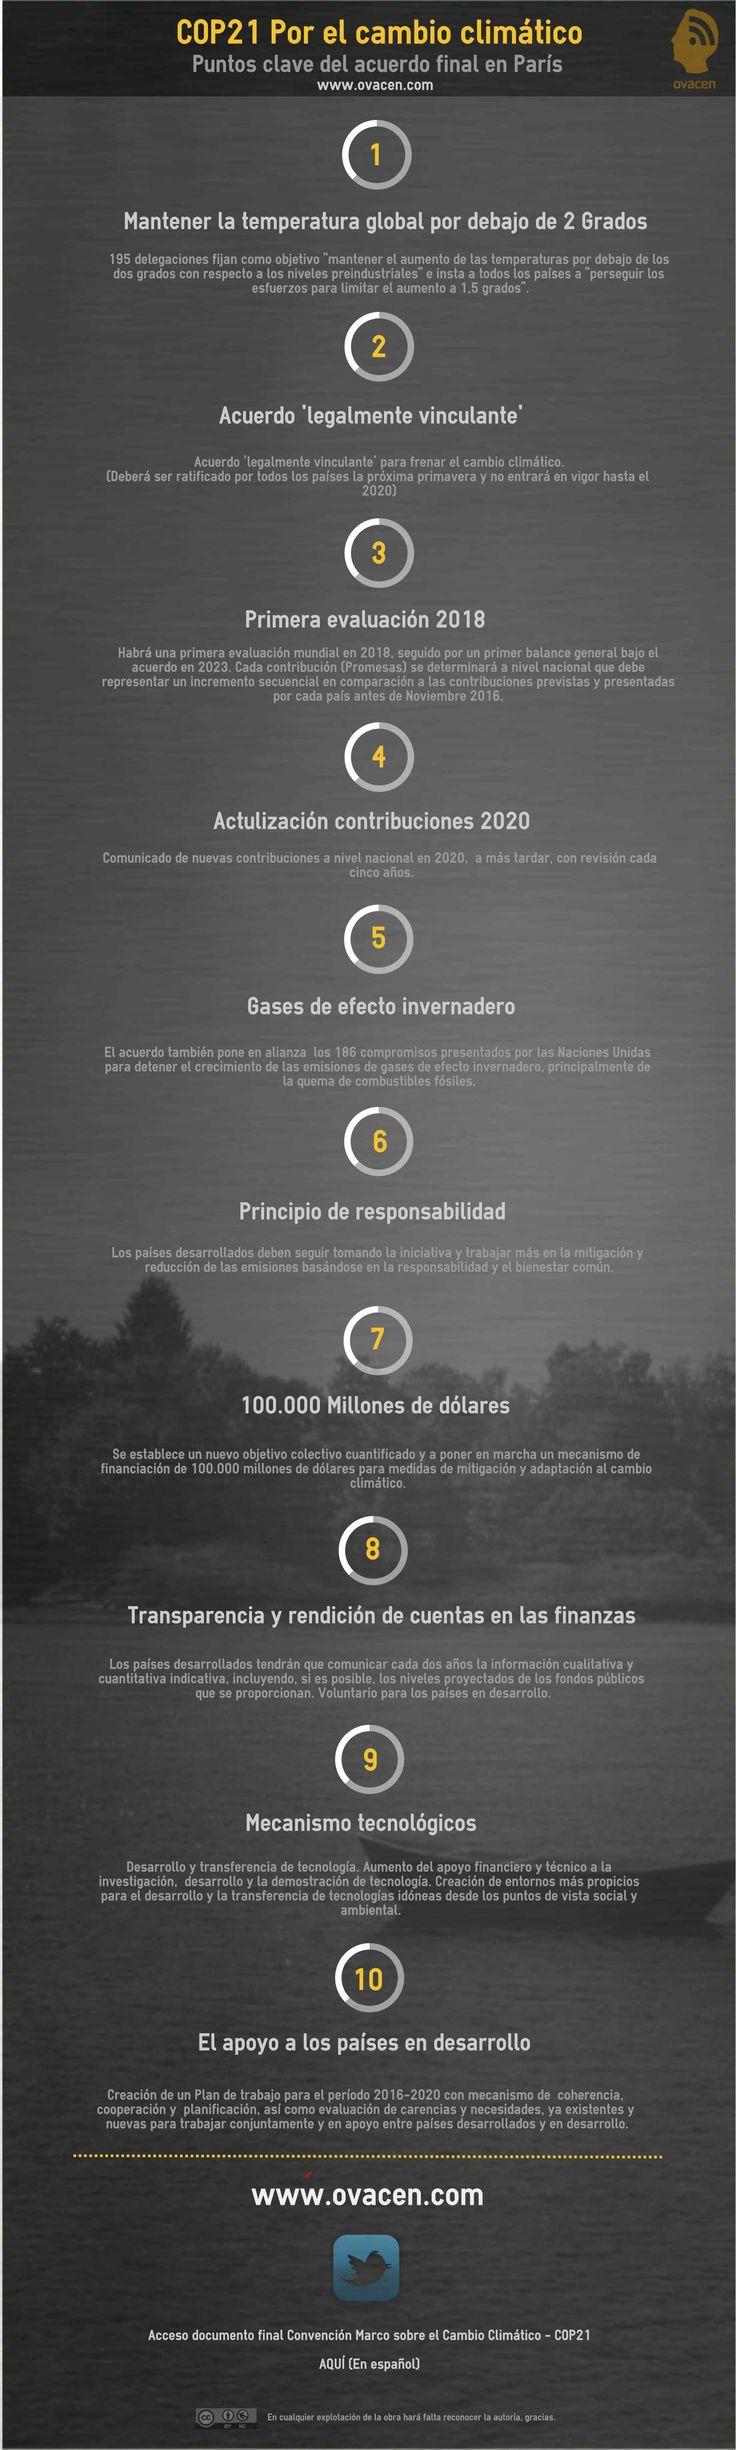 Infografía y análisis del nuevo futuro por el cambio climático ante el acuerdo de París. Causas y consecuencias que resolver en un mundo global.  #infografia #cop21 #cambioclimatico #ecologia #naturaleza #eco #green